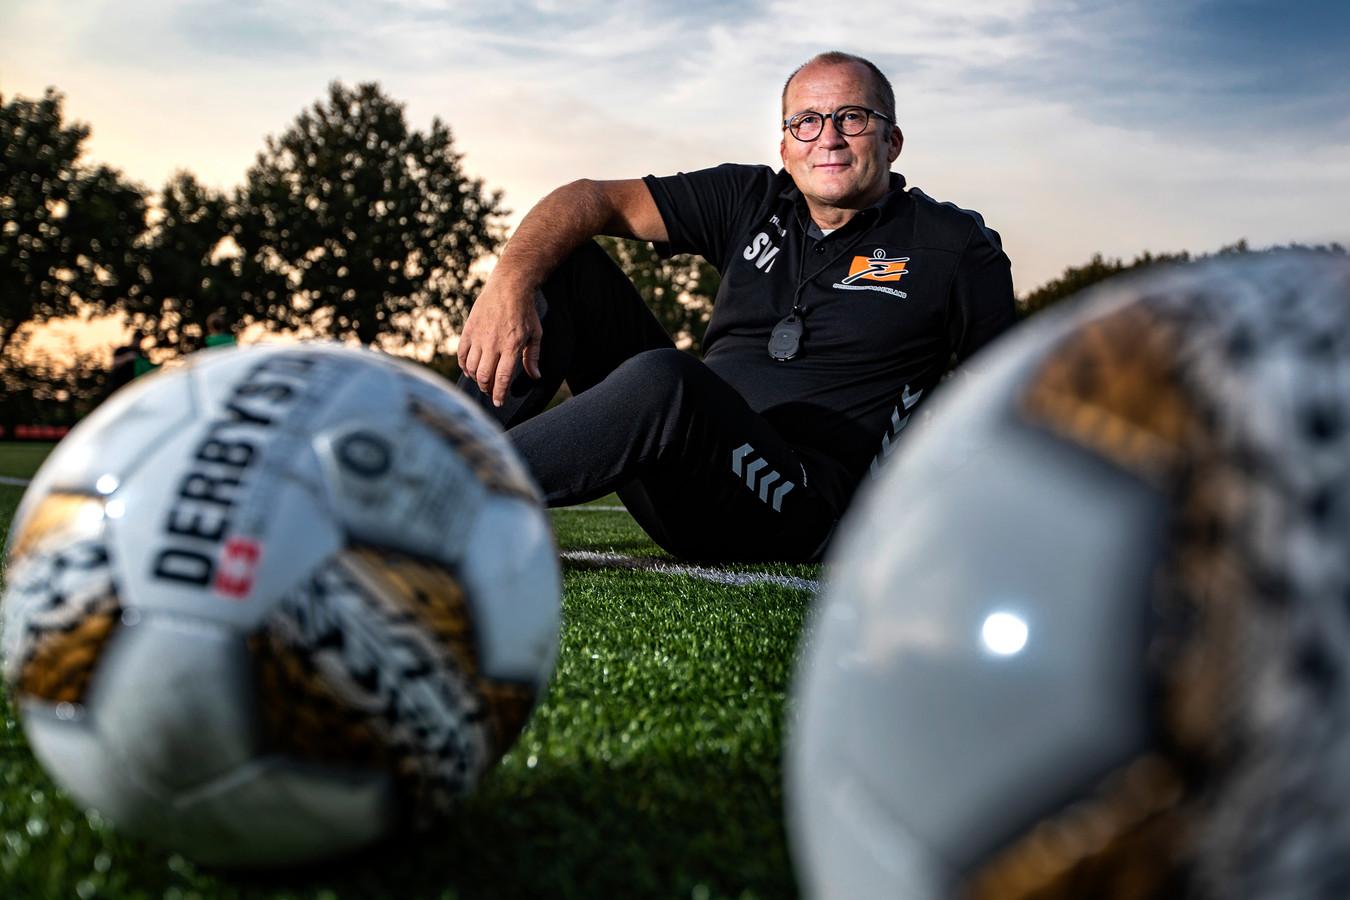 Voetbaltrainer Alex Booij is na vijf seizoenen Heeten begonnen aan een avontuur bij Broekland.